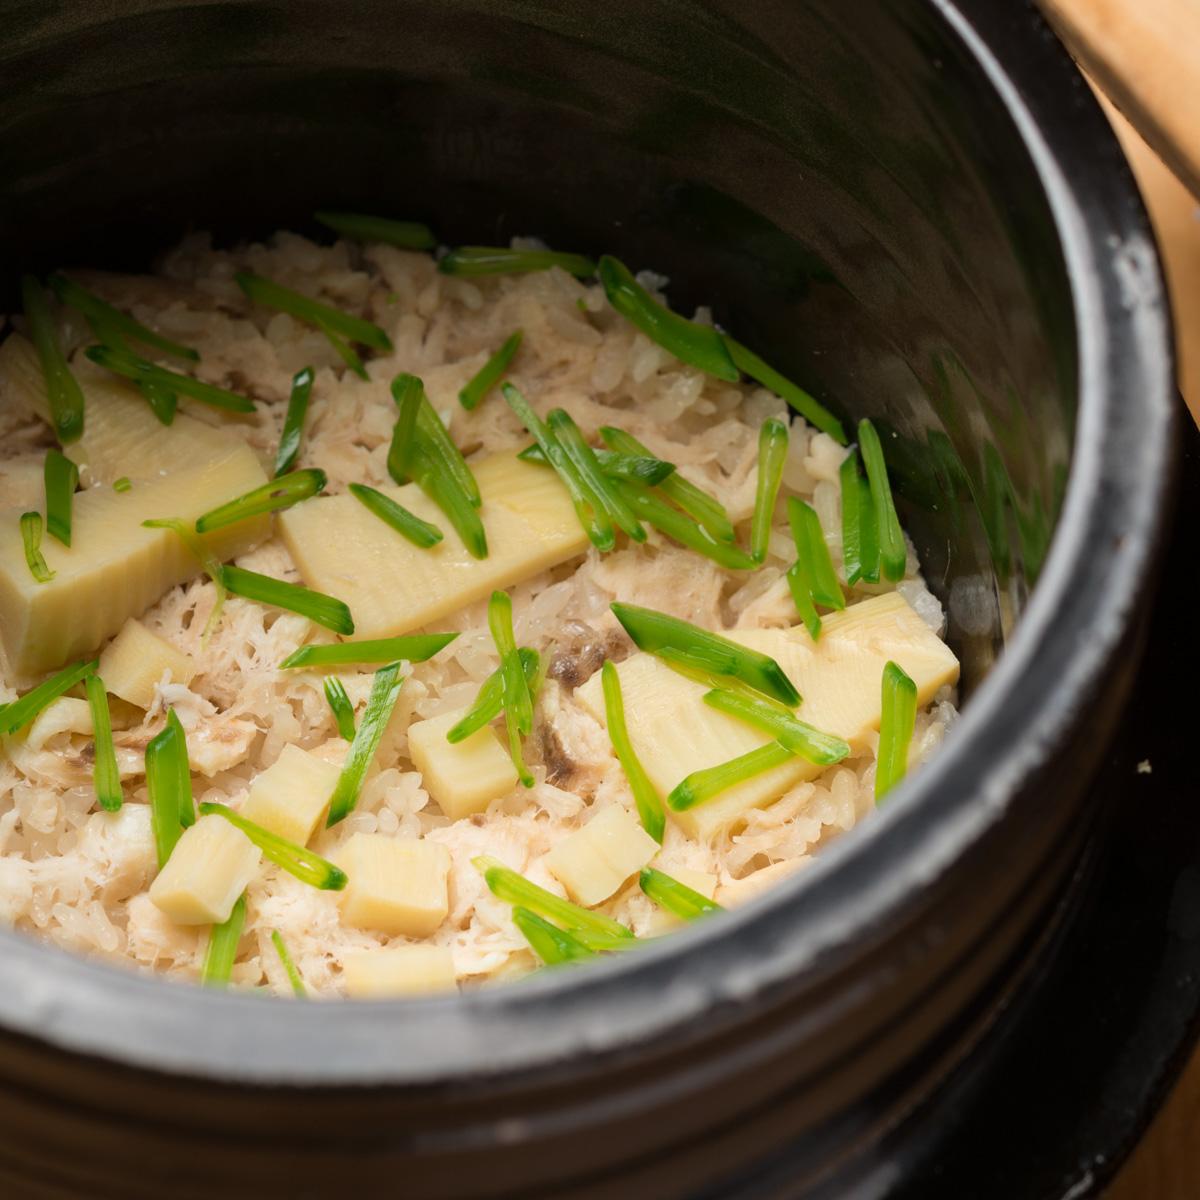 御飯物 鯛と新竹の子の炊き込み御飯